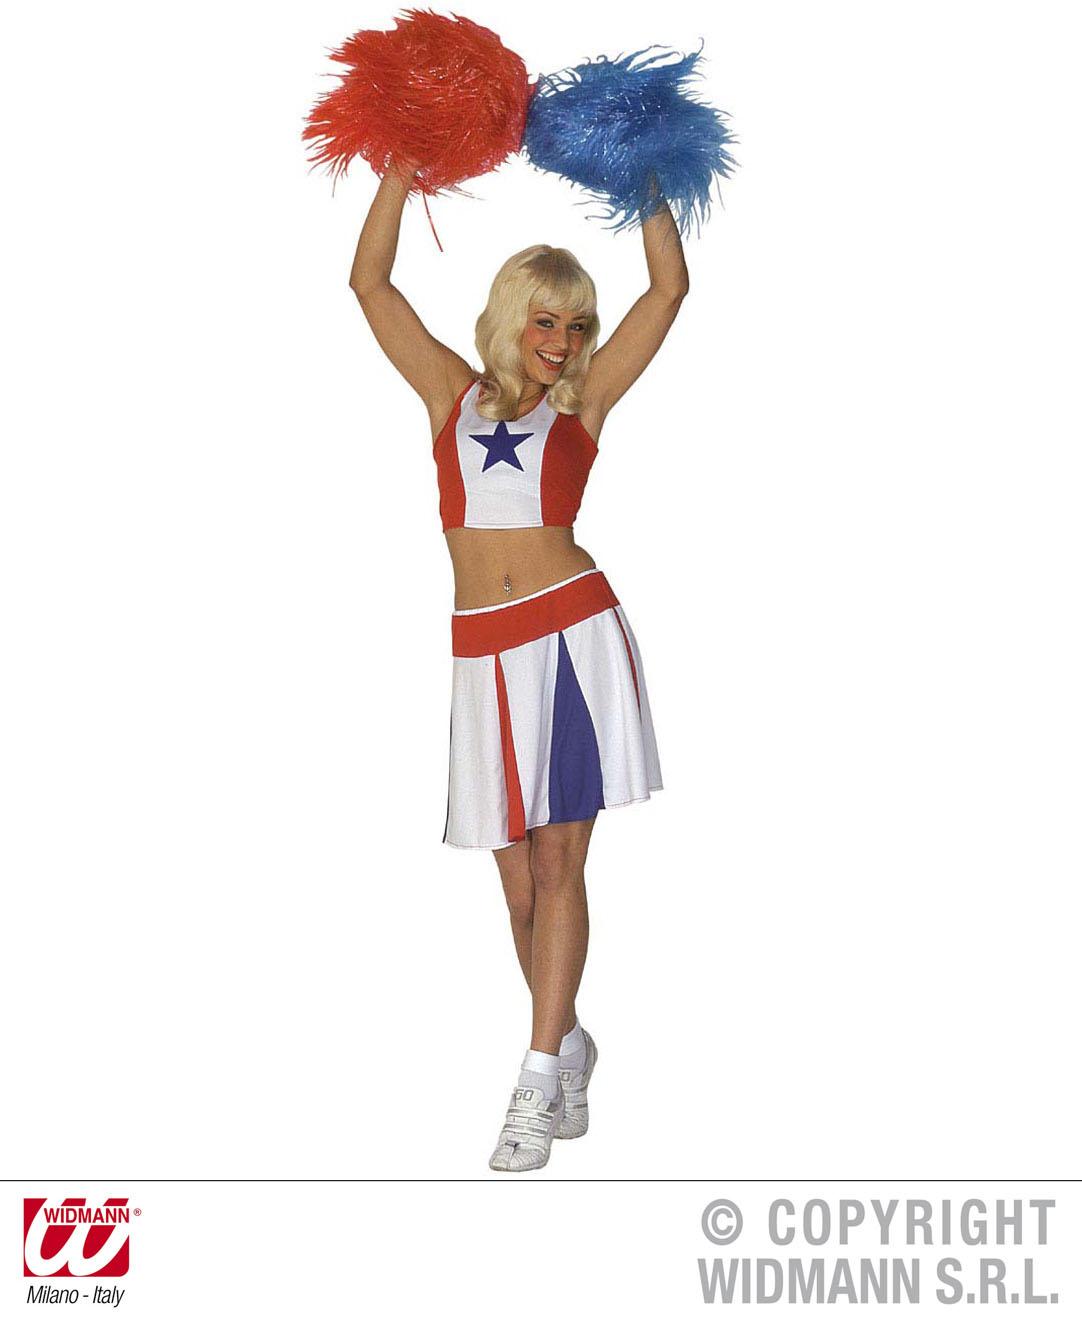 Damen Kostum Cheerleader Gr M Sportkostum Team M Scherzwelt